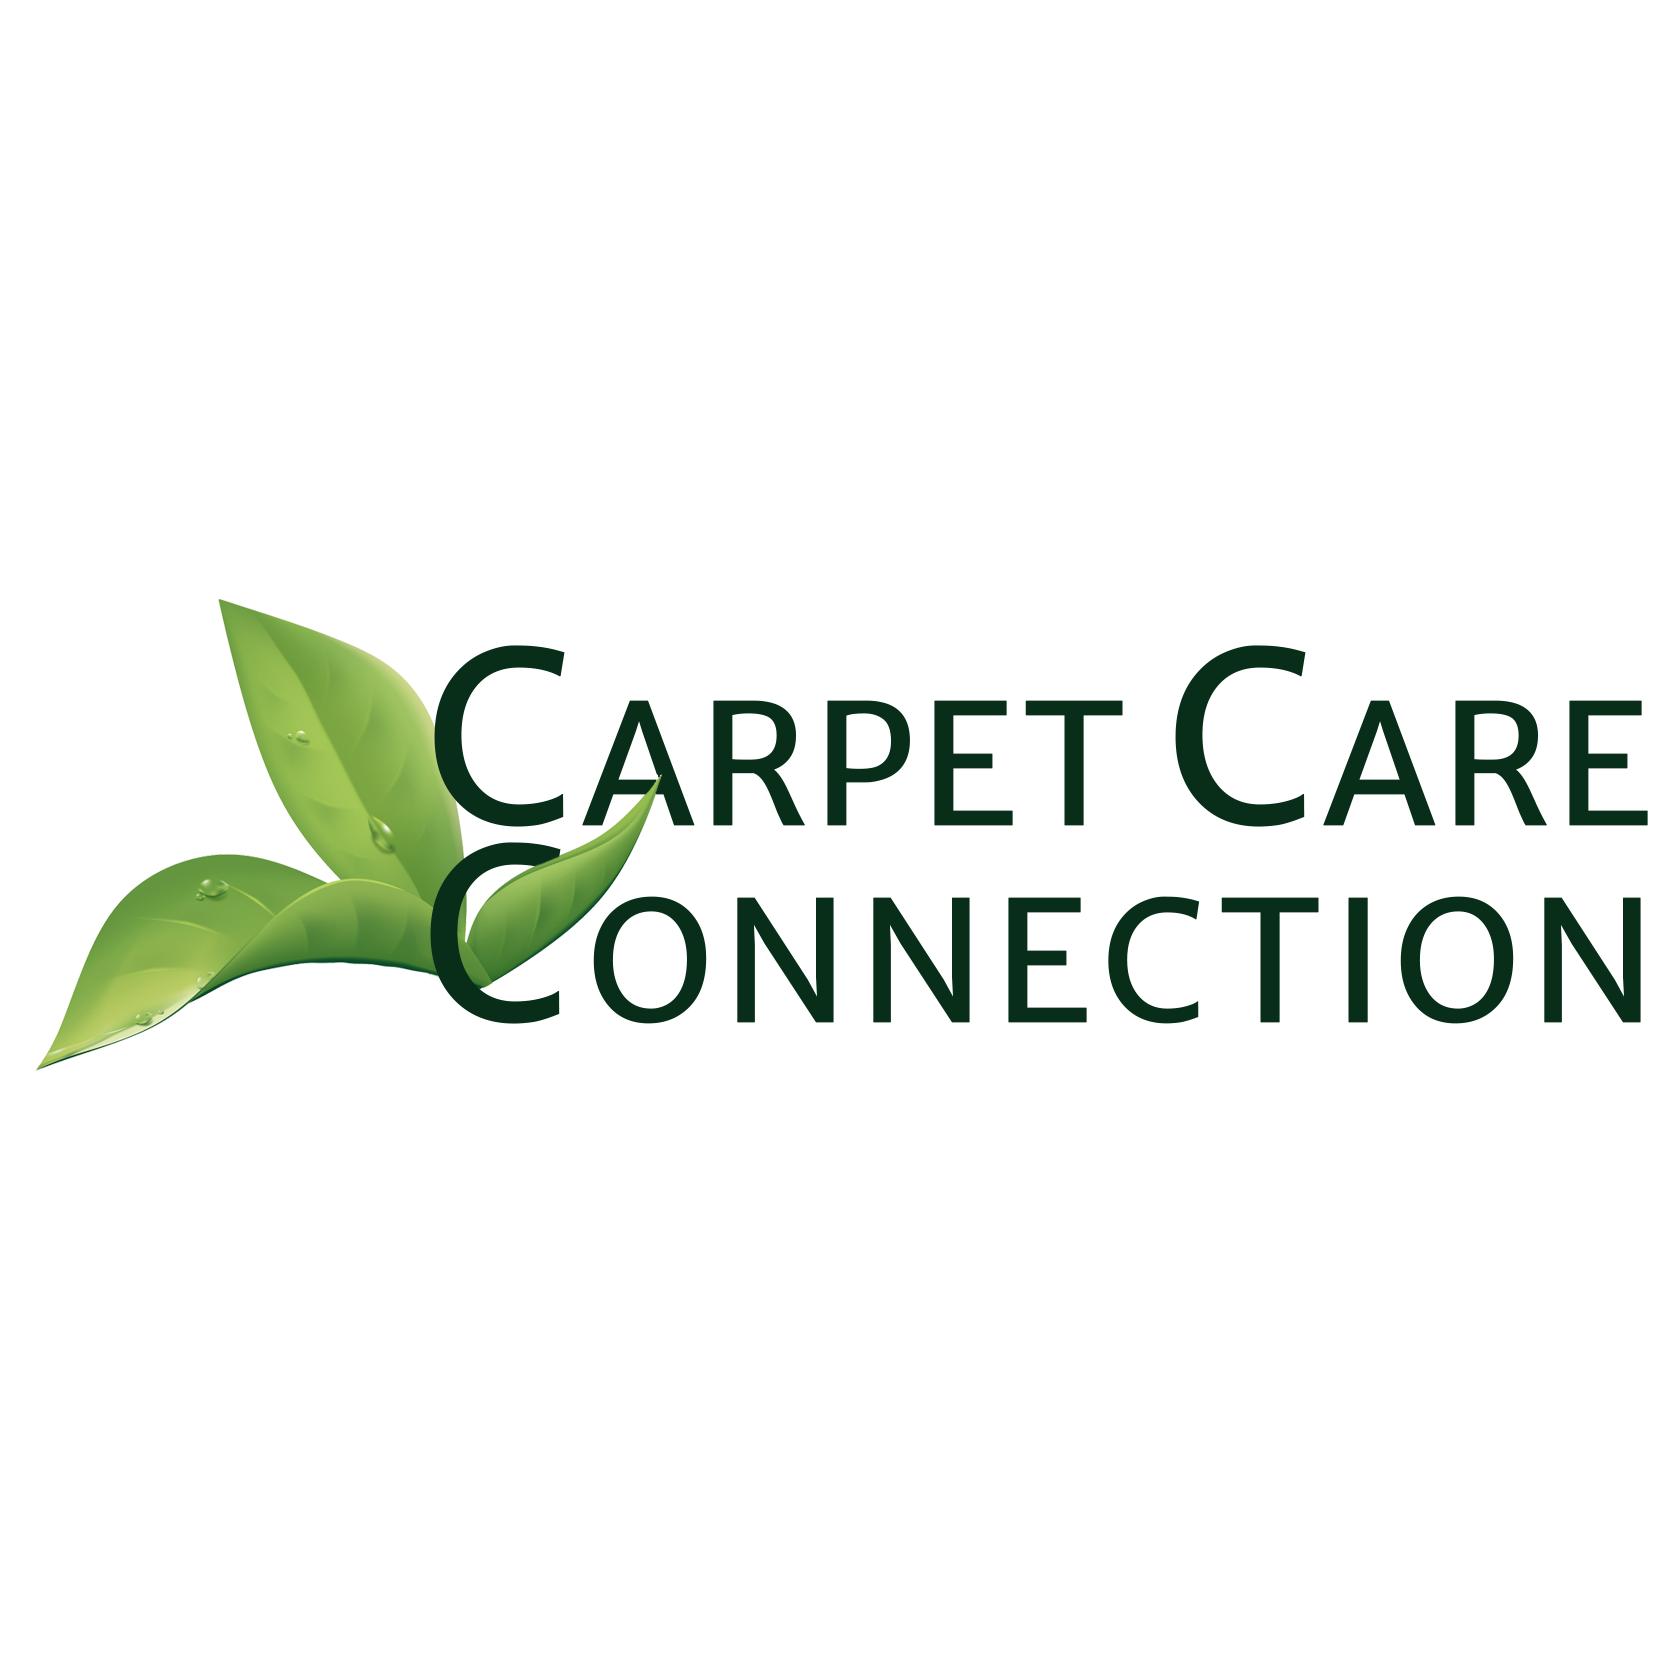 Carpet Care Connection